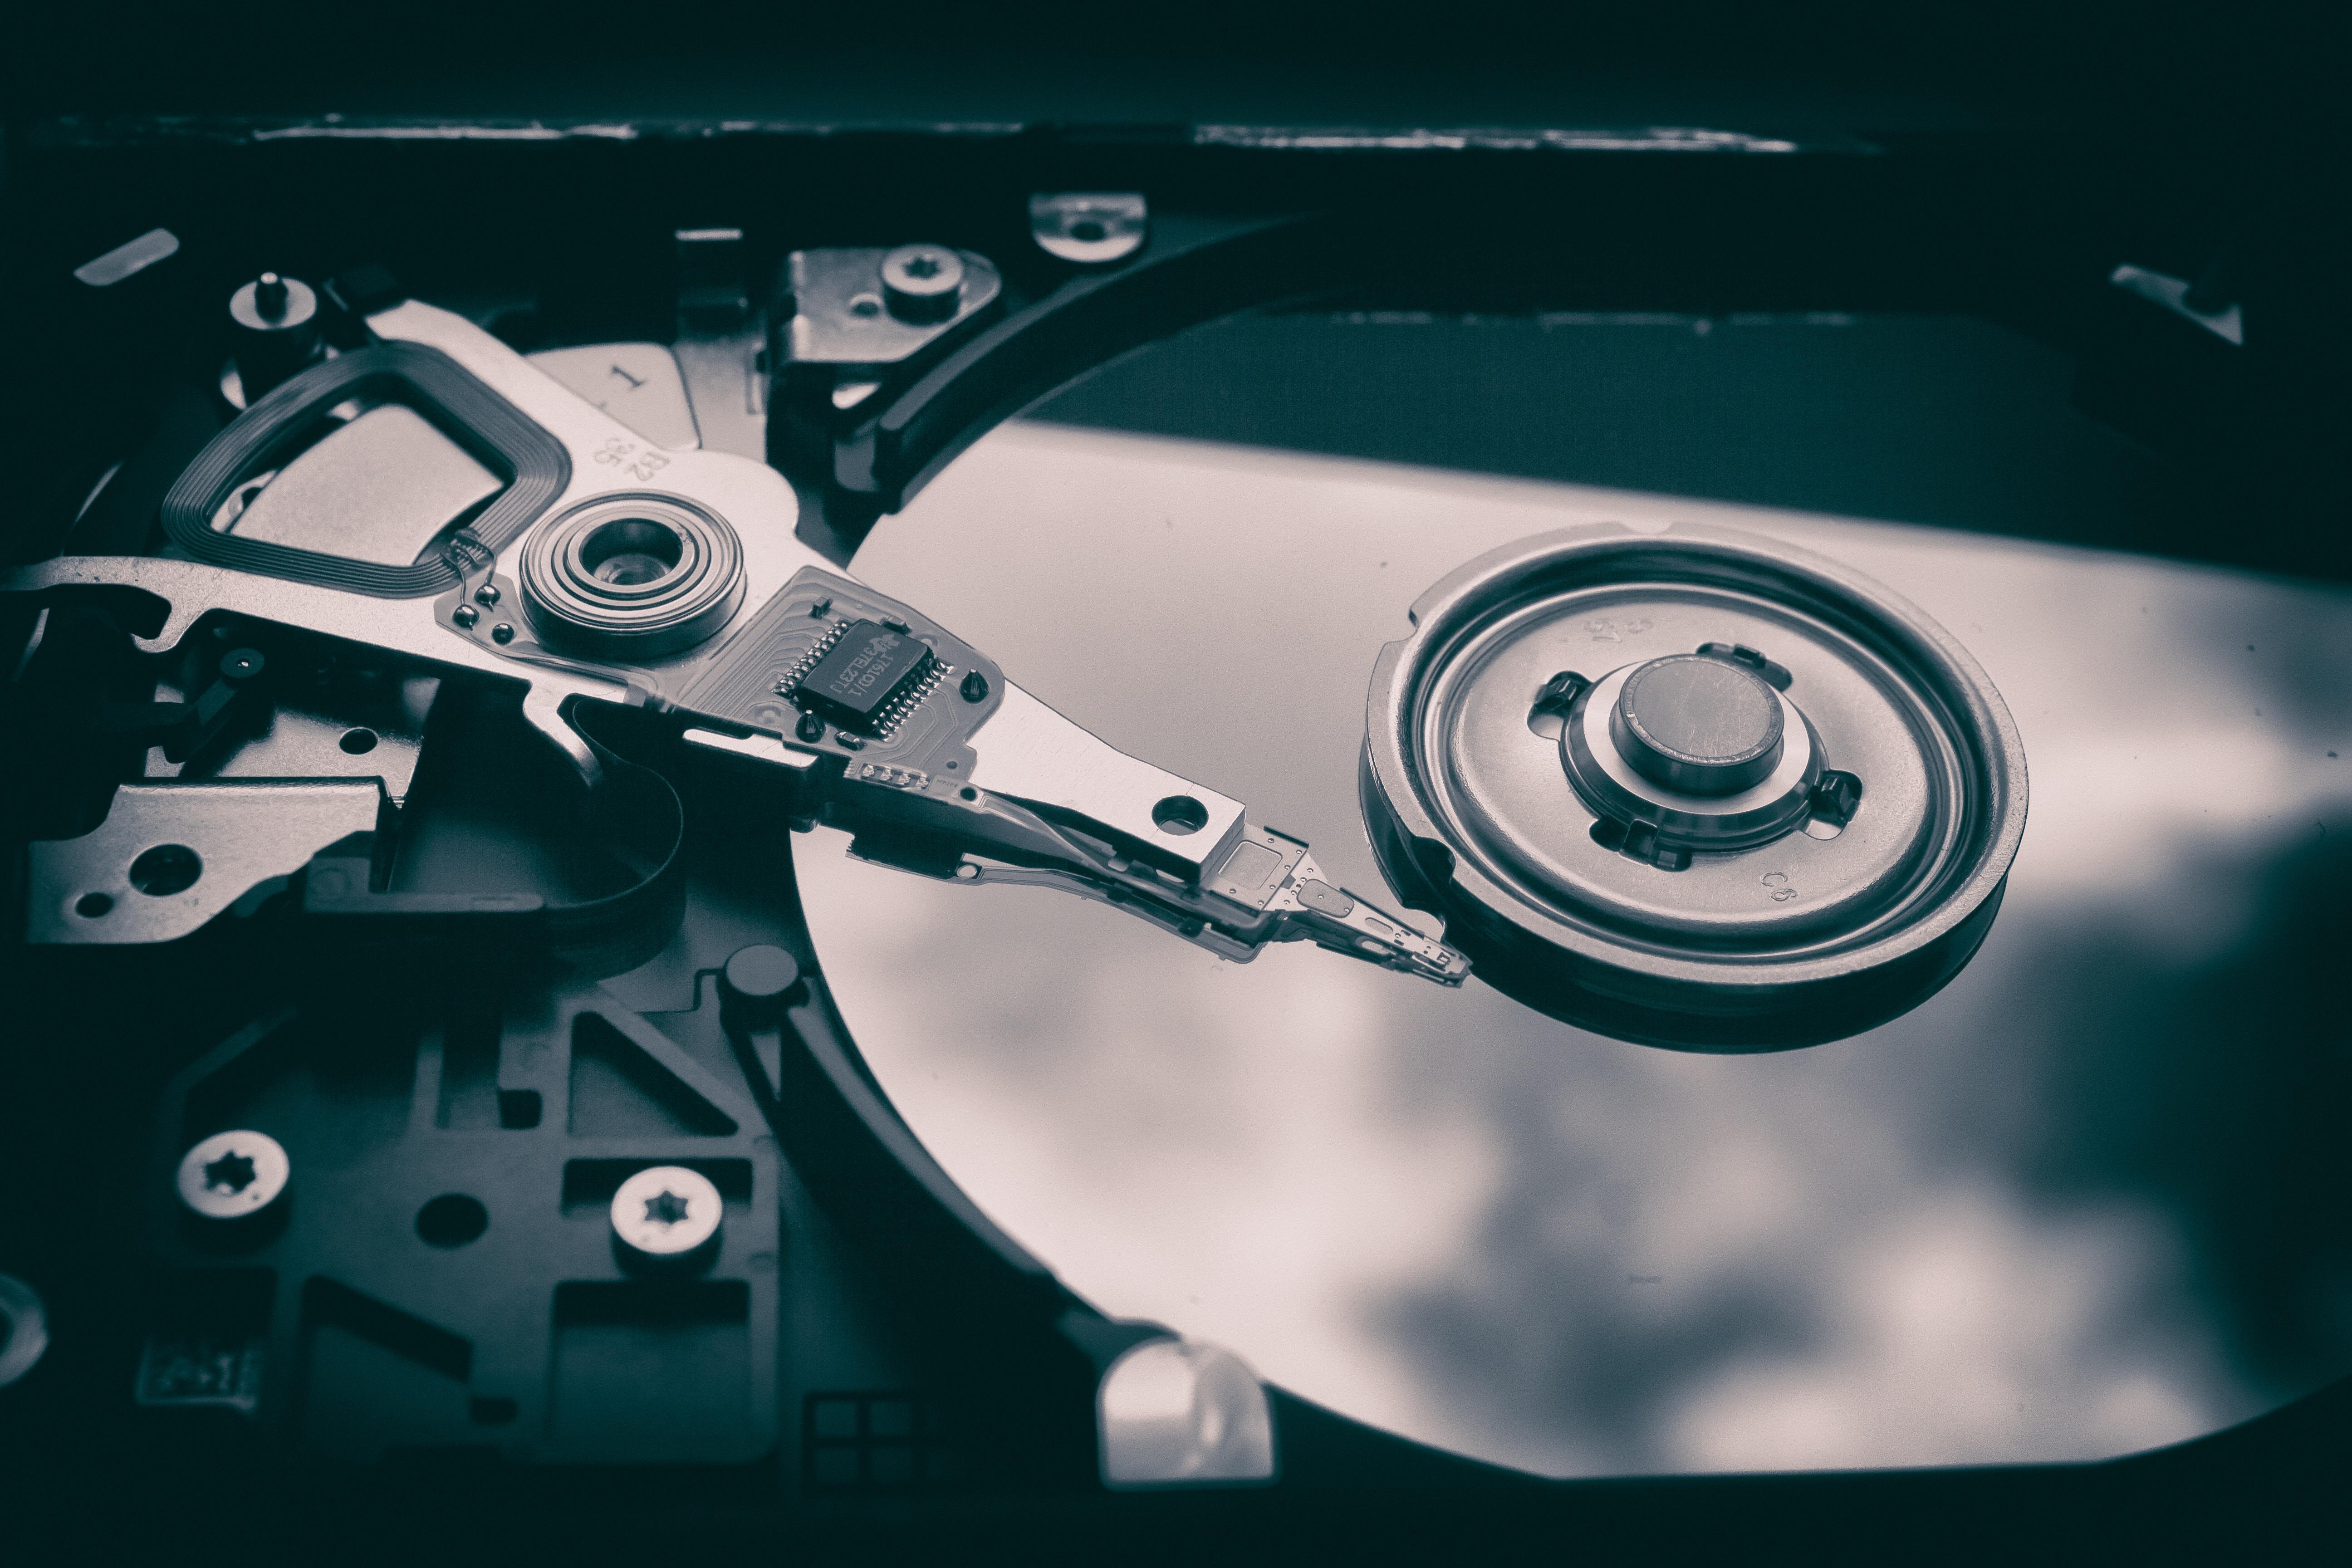 Daten, Festplatte